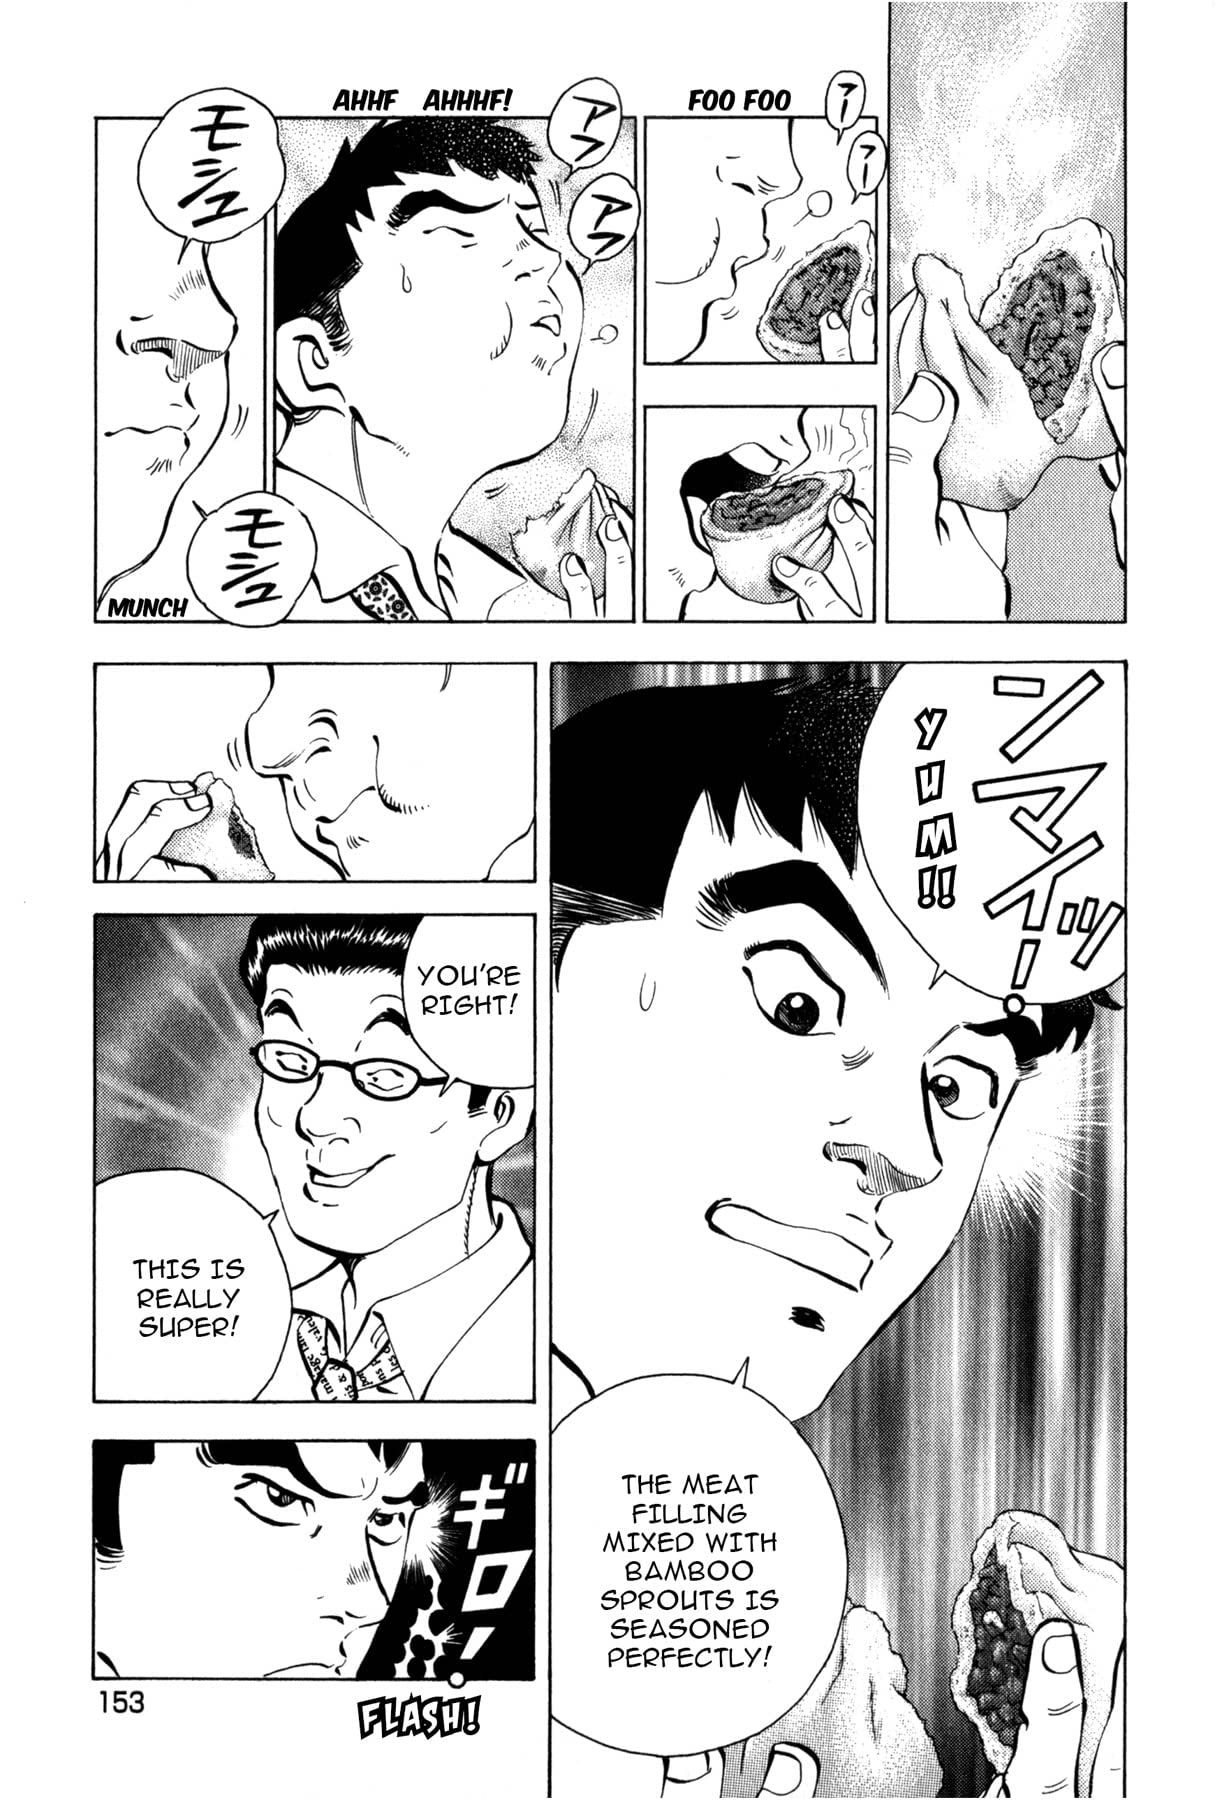 Kuishinbo! #7